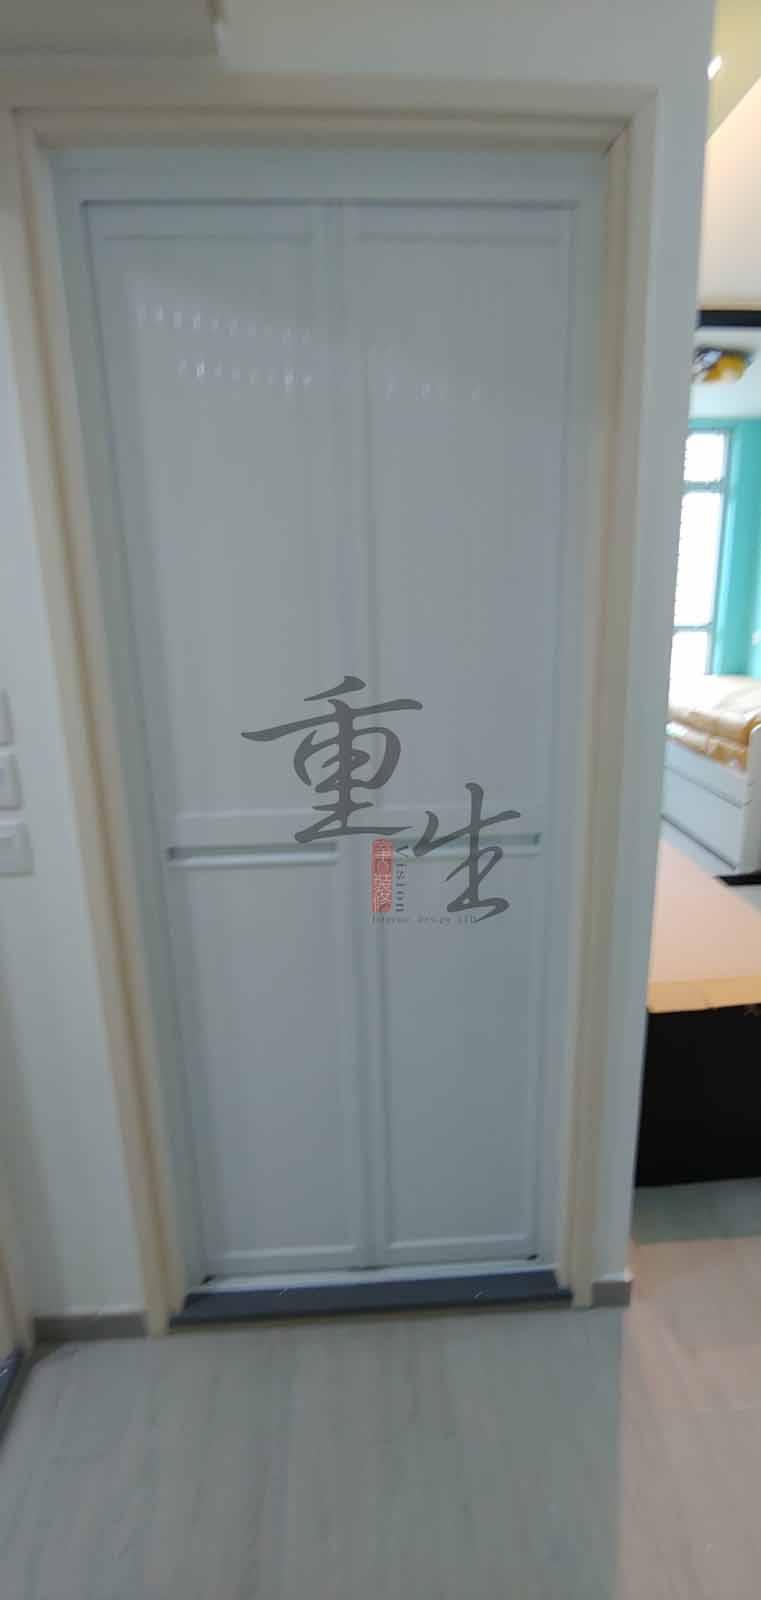 滿東邨4-5人單位-廁所